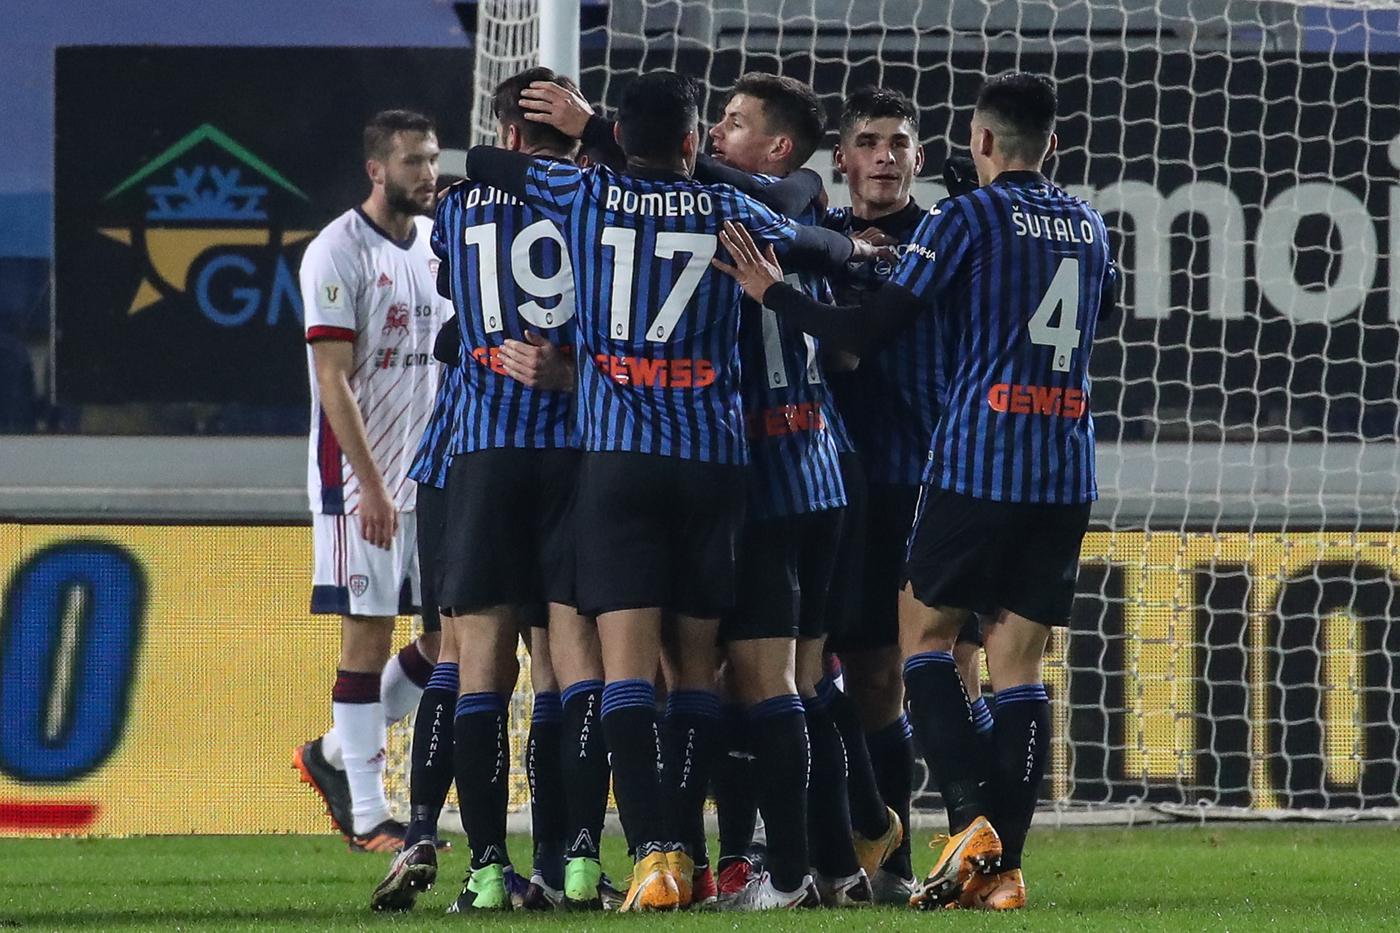 Atalanta vs Cagliari - Coppa Italia - Ottavi di Finale 2020/2021